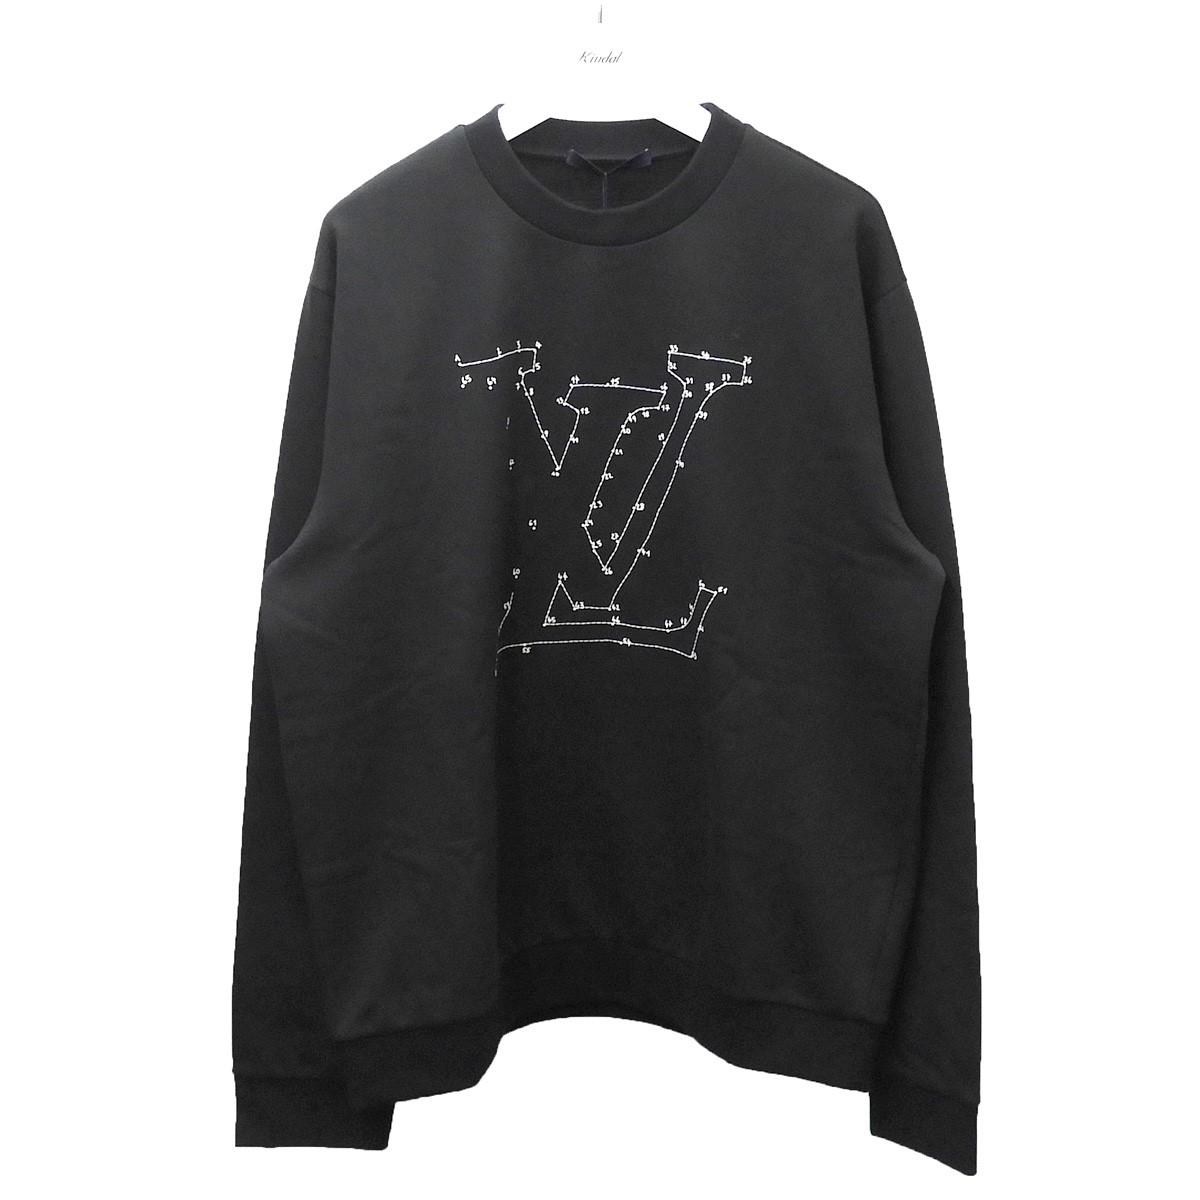 【中古】LOUIS VUITTON 2020SS LVステッチプリントエンブロイダリースウェット ブラック サイズ:XL 【150620】(ルイヴィトン)